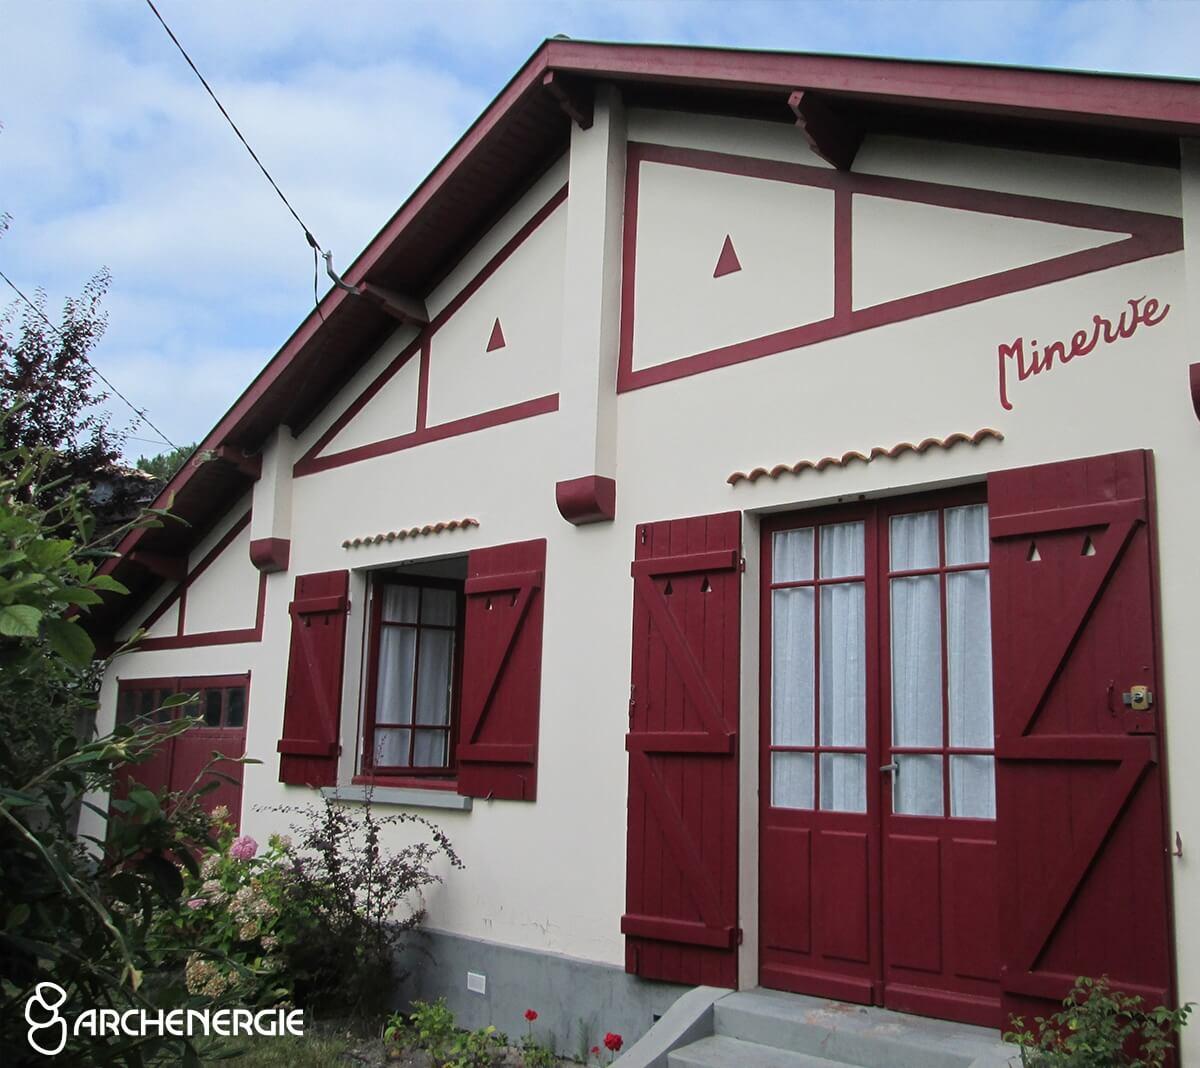 maison andernos gironde 33 avant isolation thermique par l'extérieur